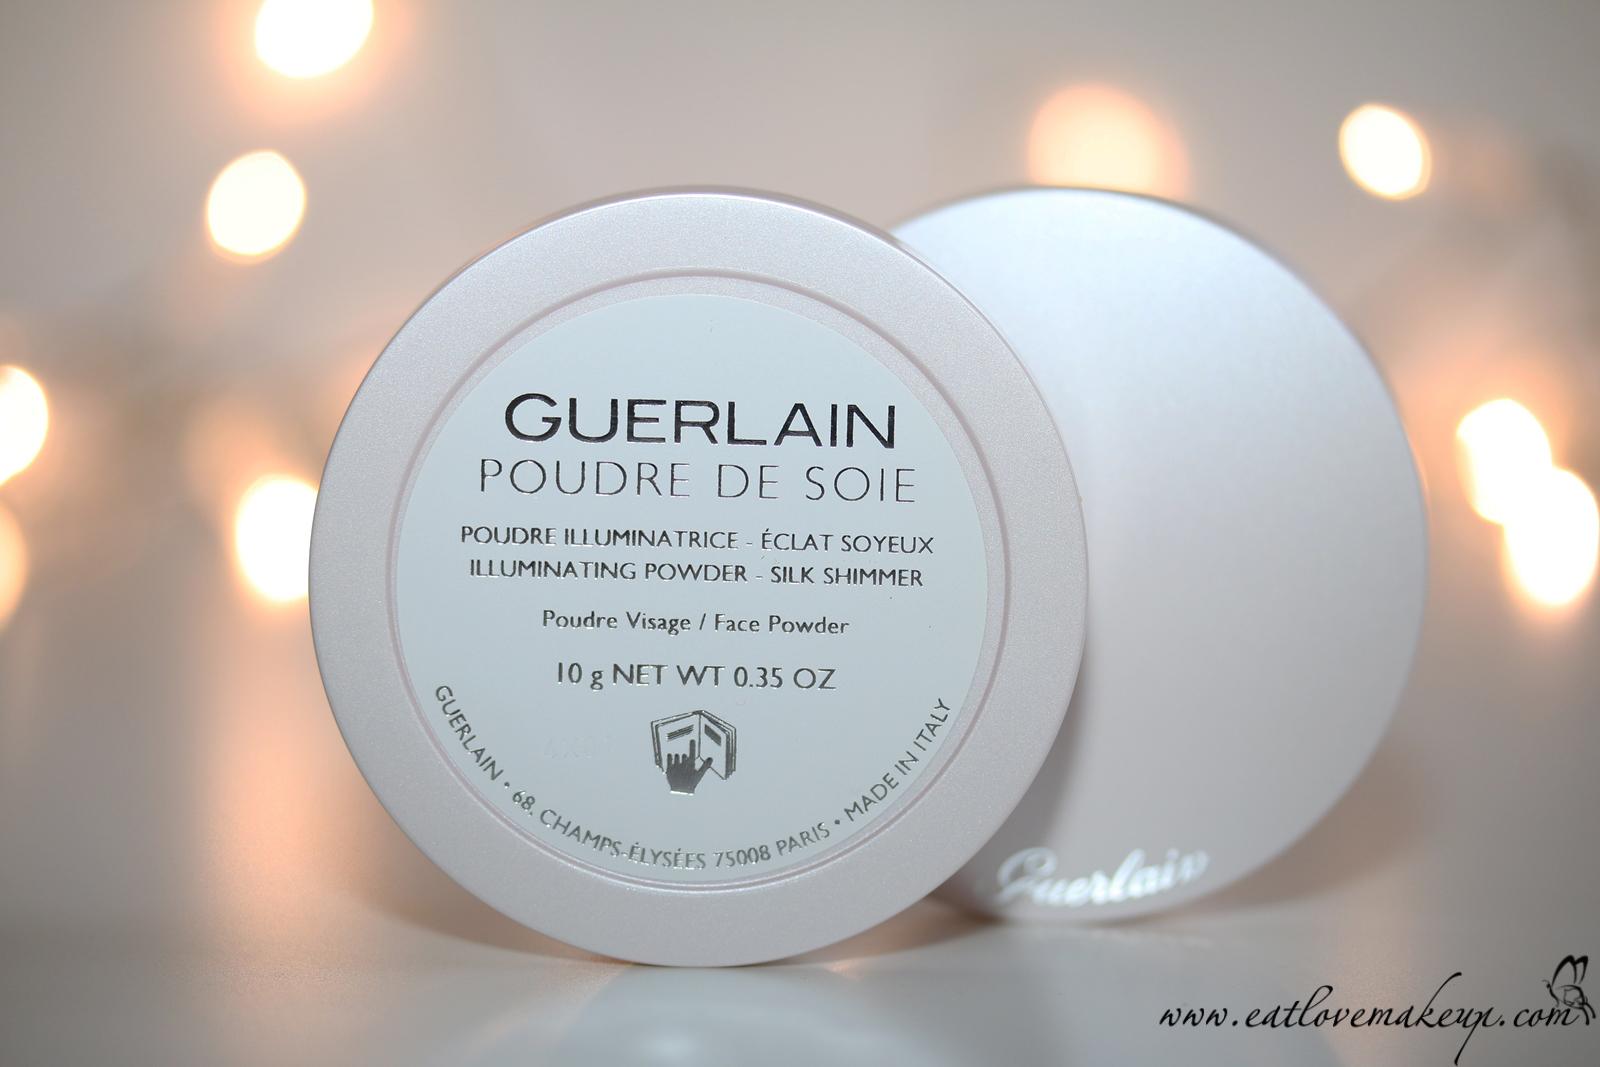 Guerlain Poudre de Soie